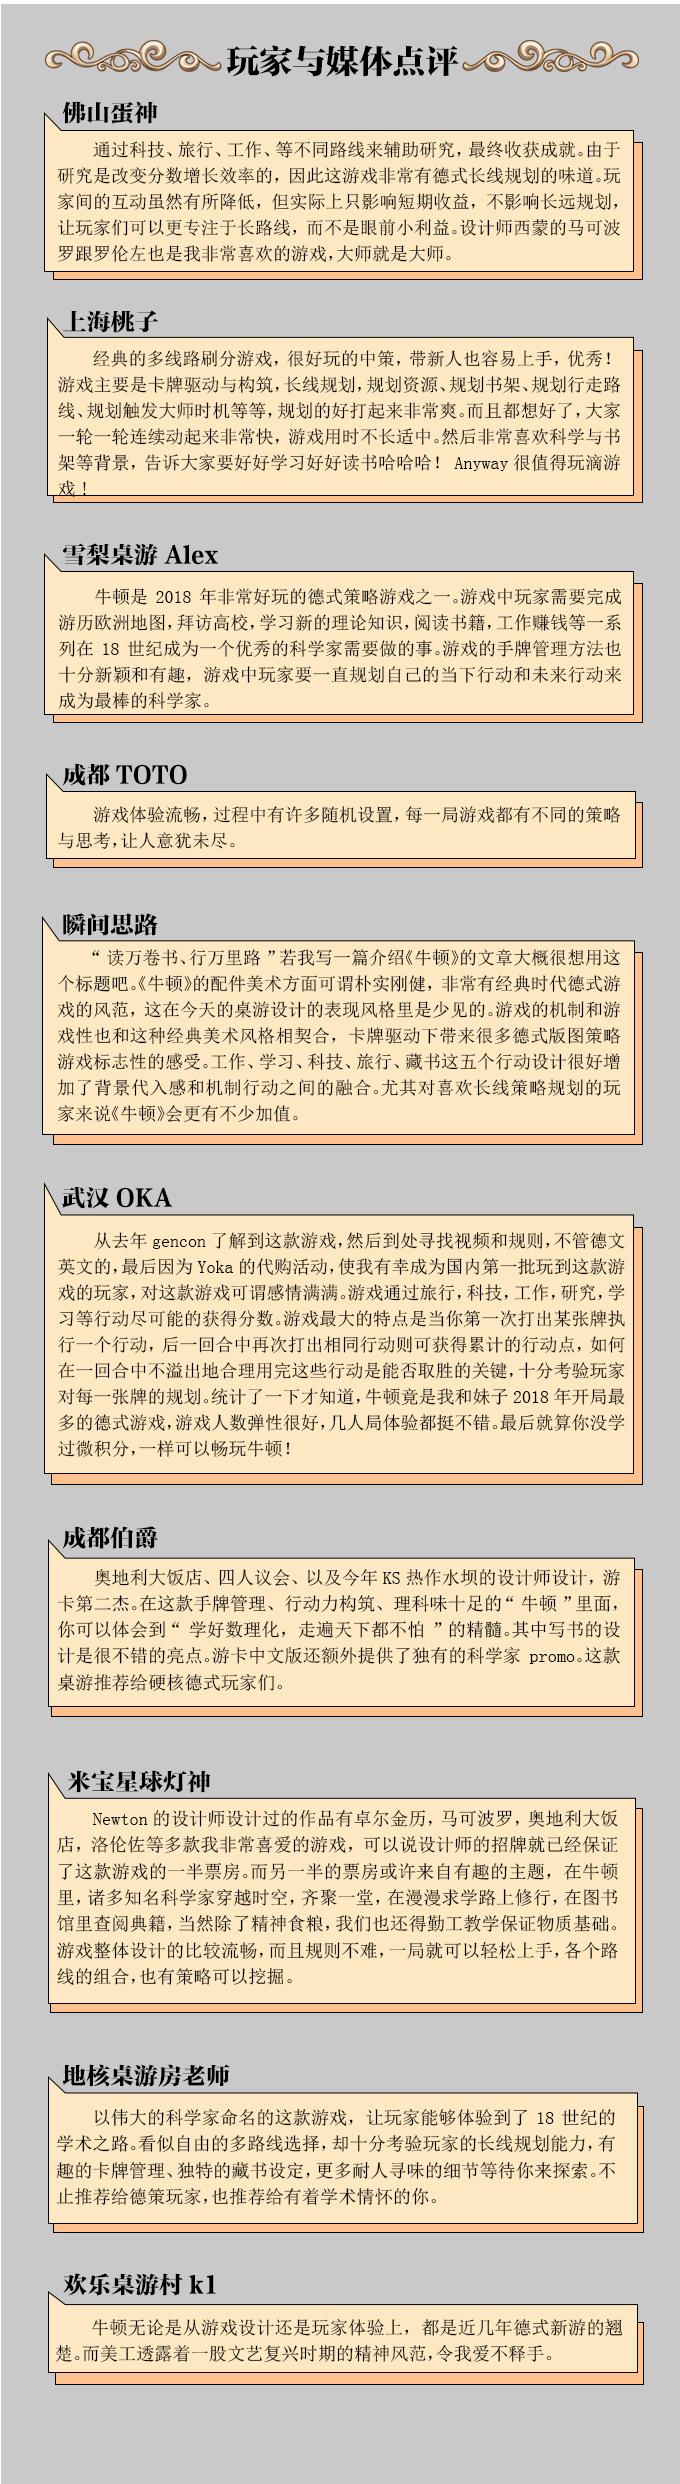 牛顿众筹-长图-片段-玩家与媒体点评修改.jpg